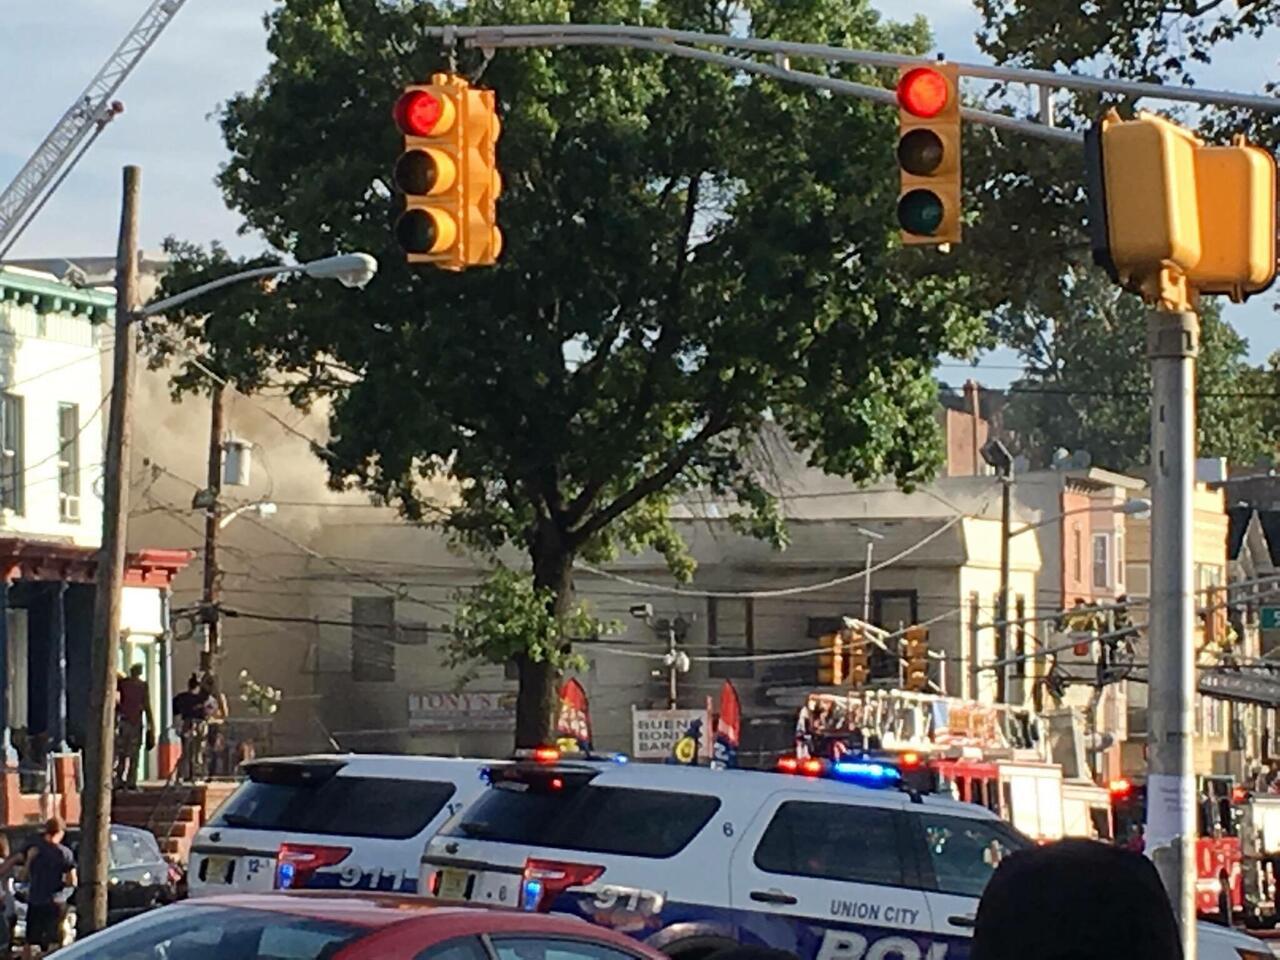 Firefighters Battle Raging Four-Alarm Fire in Jersey City   rlsmedia com